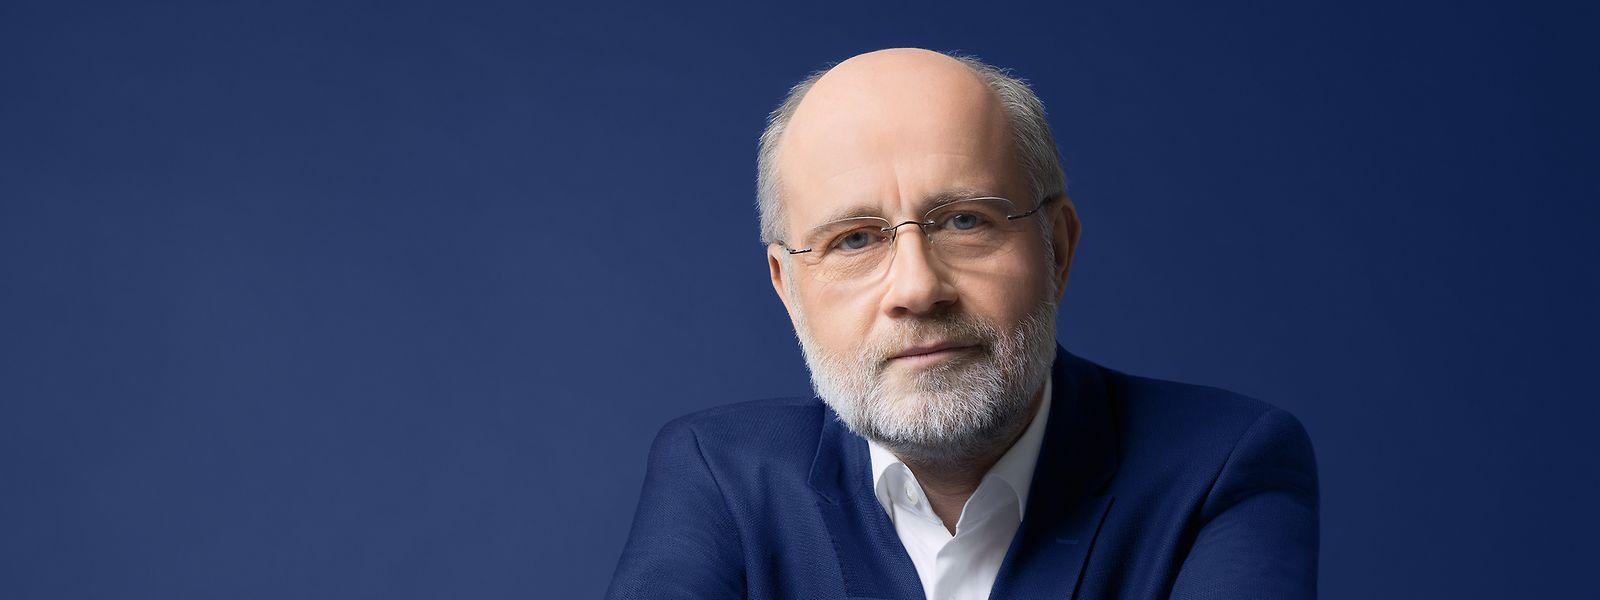 Prof. Harald LeschHarald Lesch zählt zu den bekanntesten Wissenschaftsjournalisten im deutschen Fernsehen. Sein Hauptarbeitsgebiet, so der Astrophysiker, sei aber die Hochschullehre.